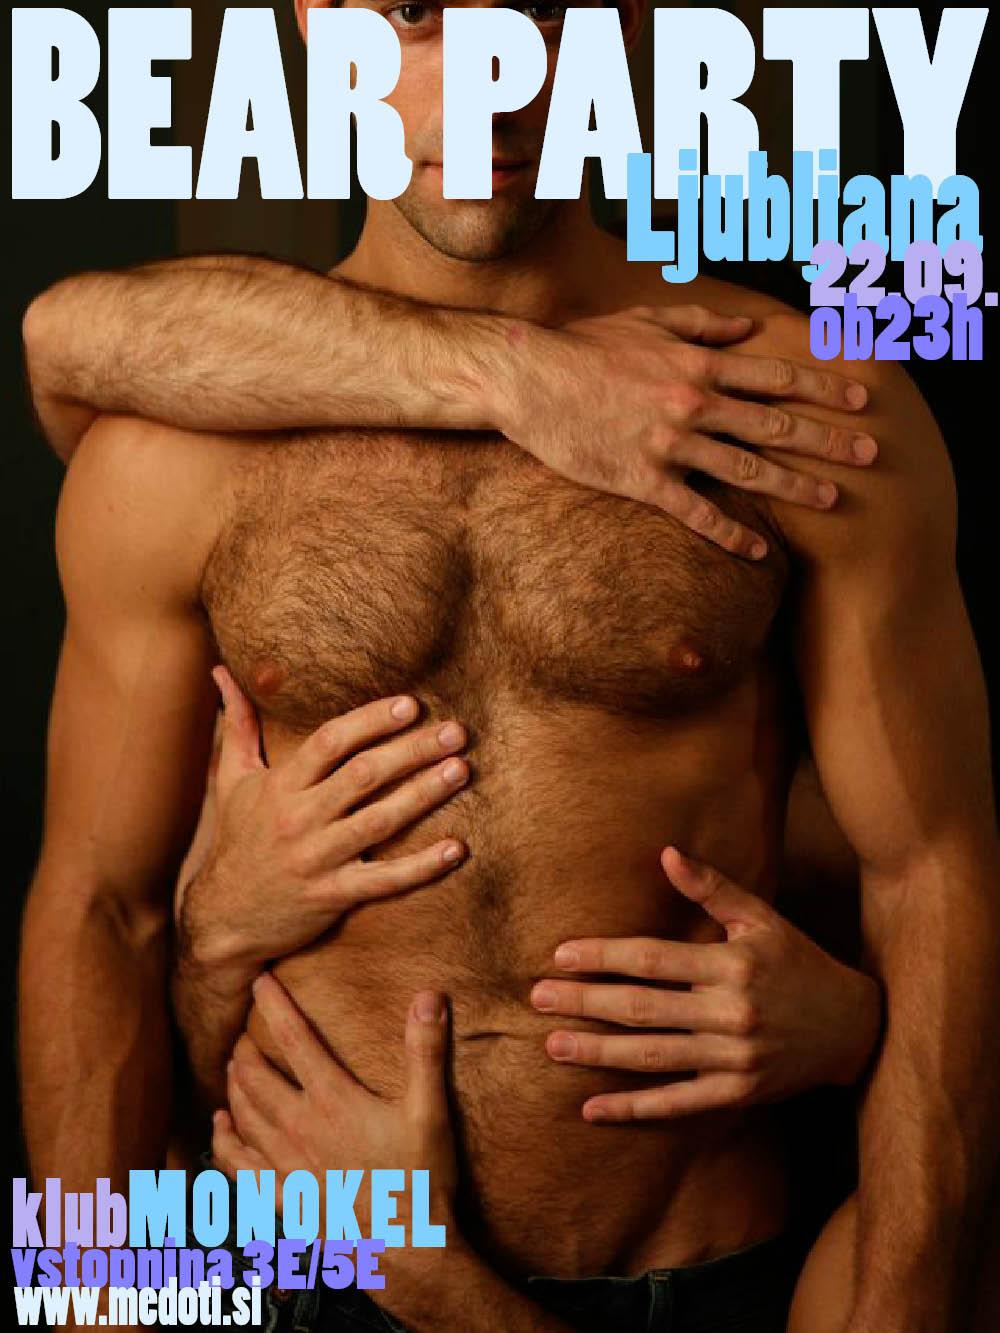 20120922_flyer_bear